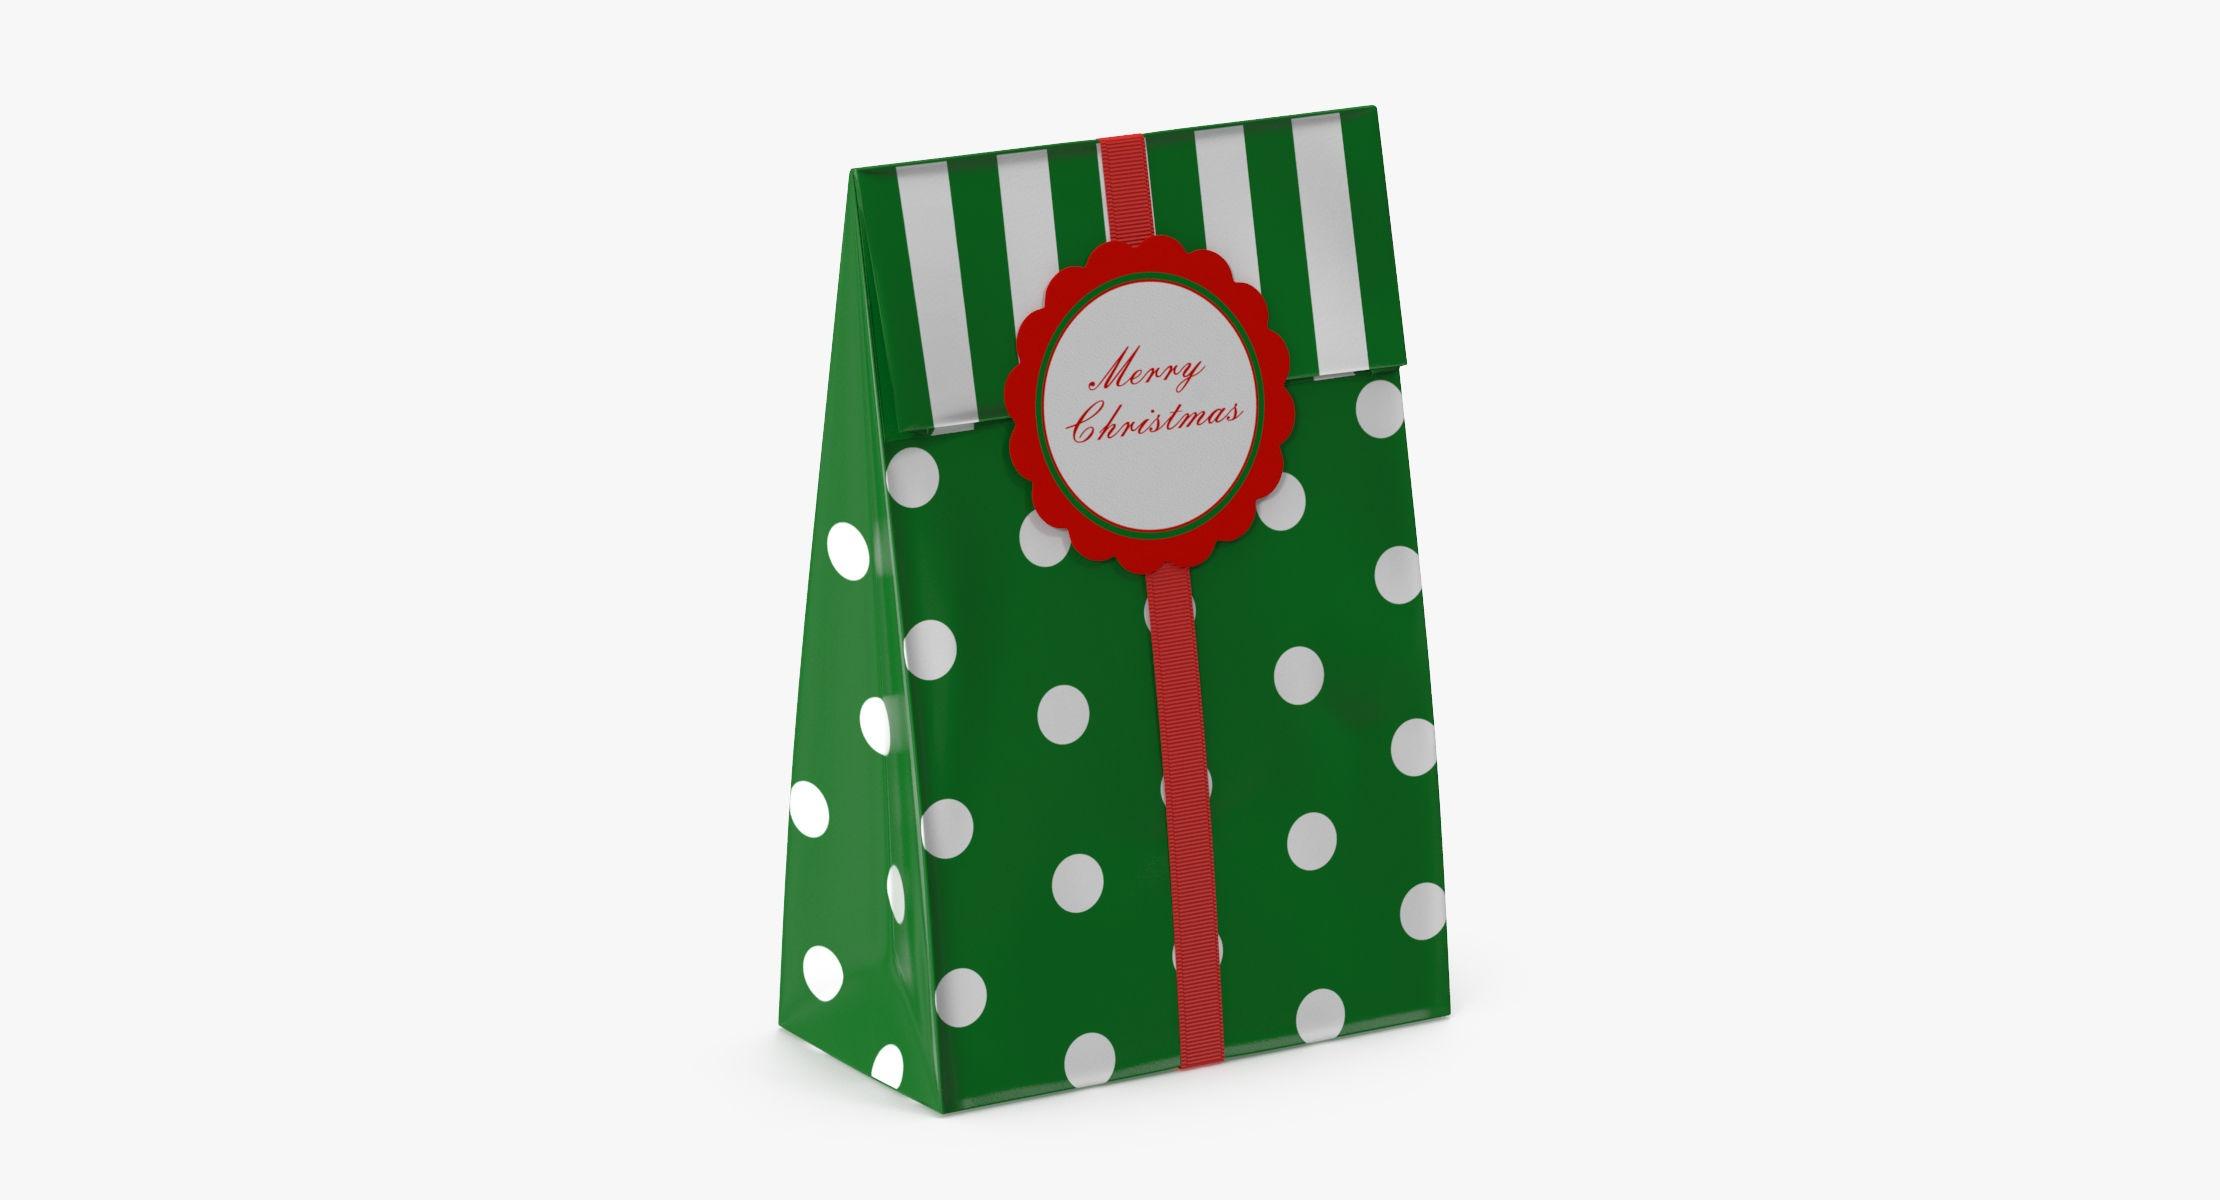 Christmas Bag 02 - Green - reel 1